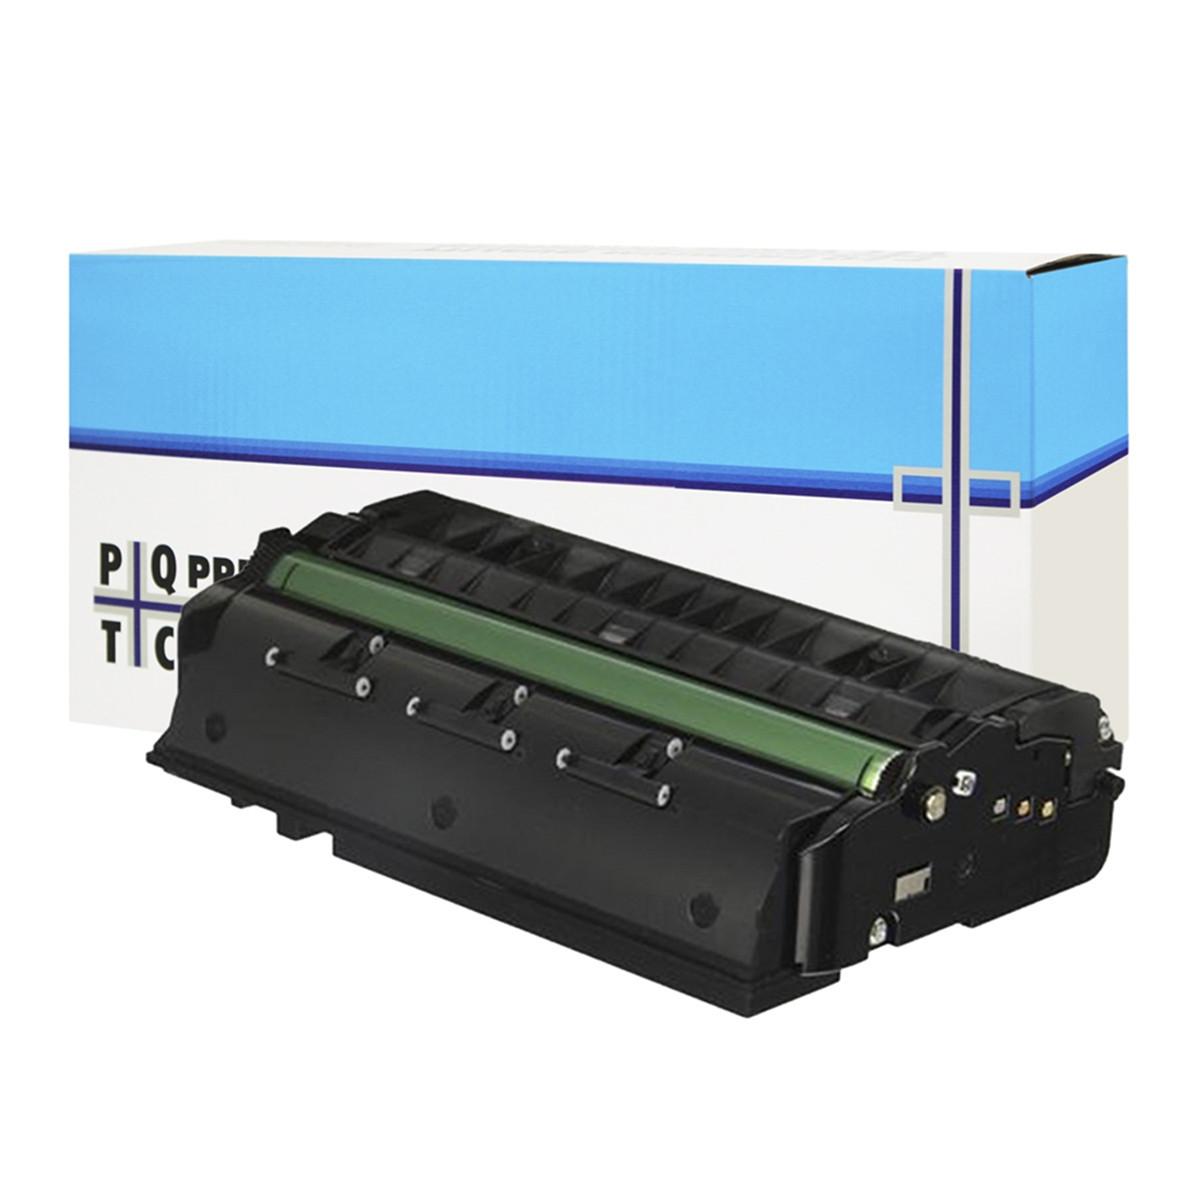 Toner Compatível com Ricoh SP 310SFNW SP310 SP311 SP310SFNW 407578 | Premium Quality 6.4k